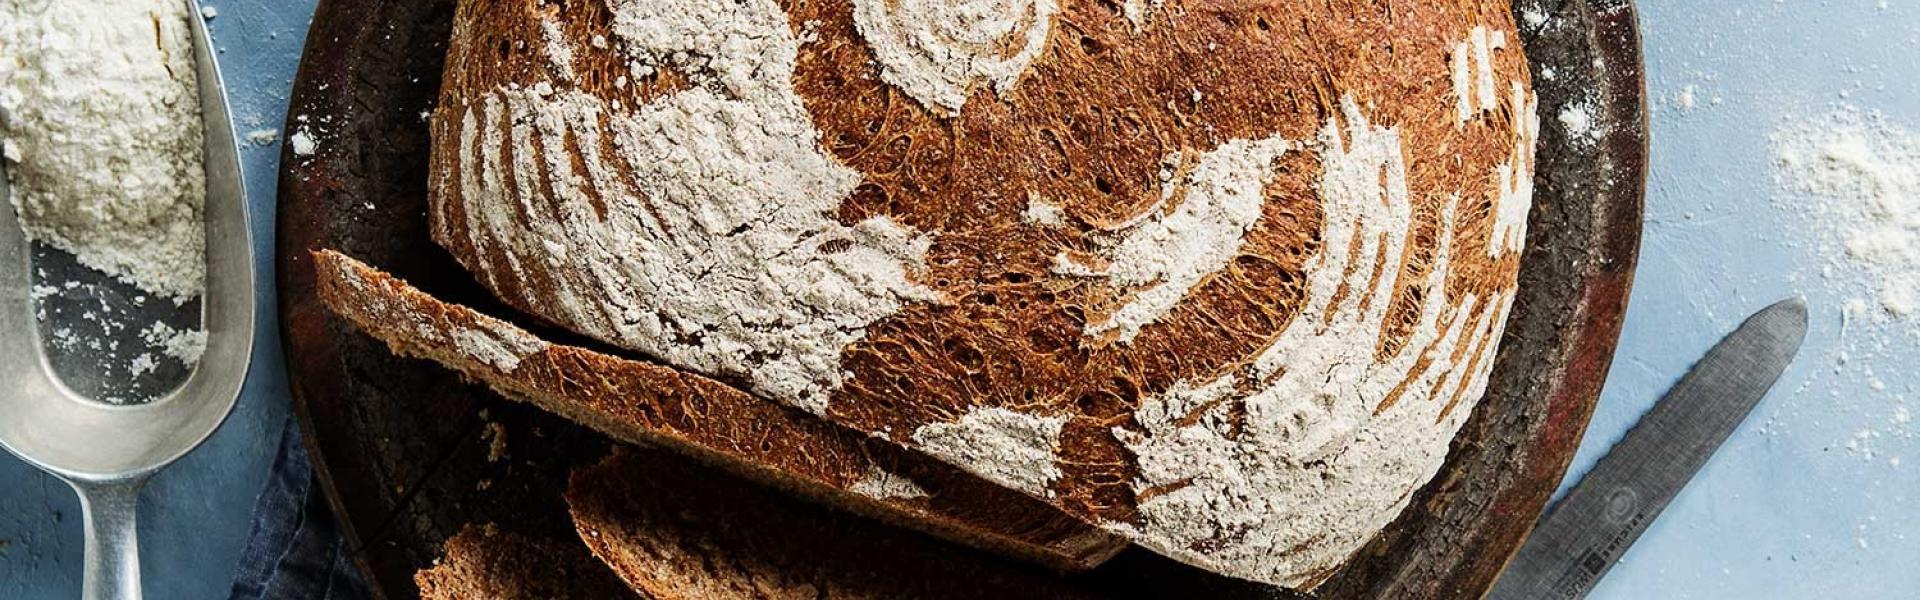 Dinkelbrot angeschnitten mit Zutaten im Hintergrund.